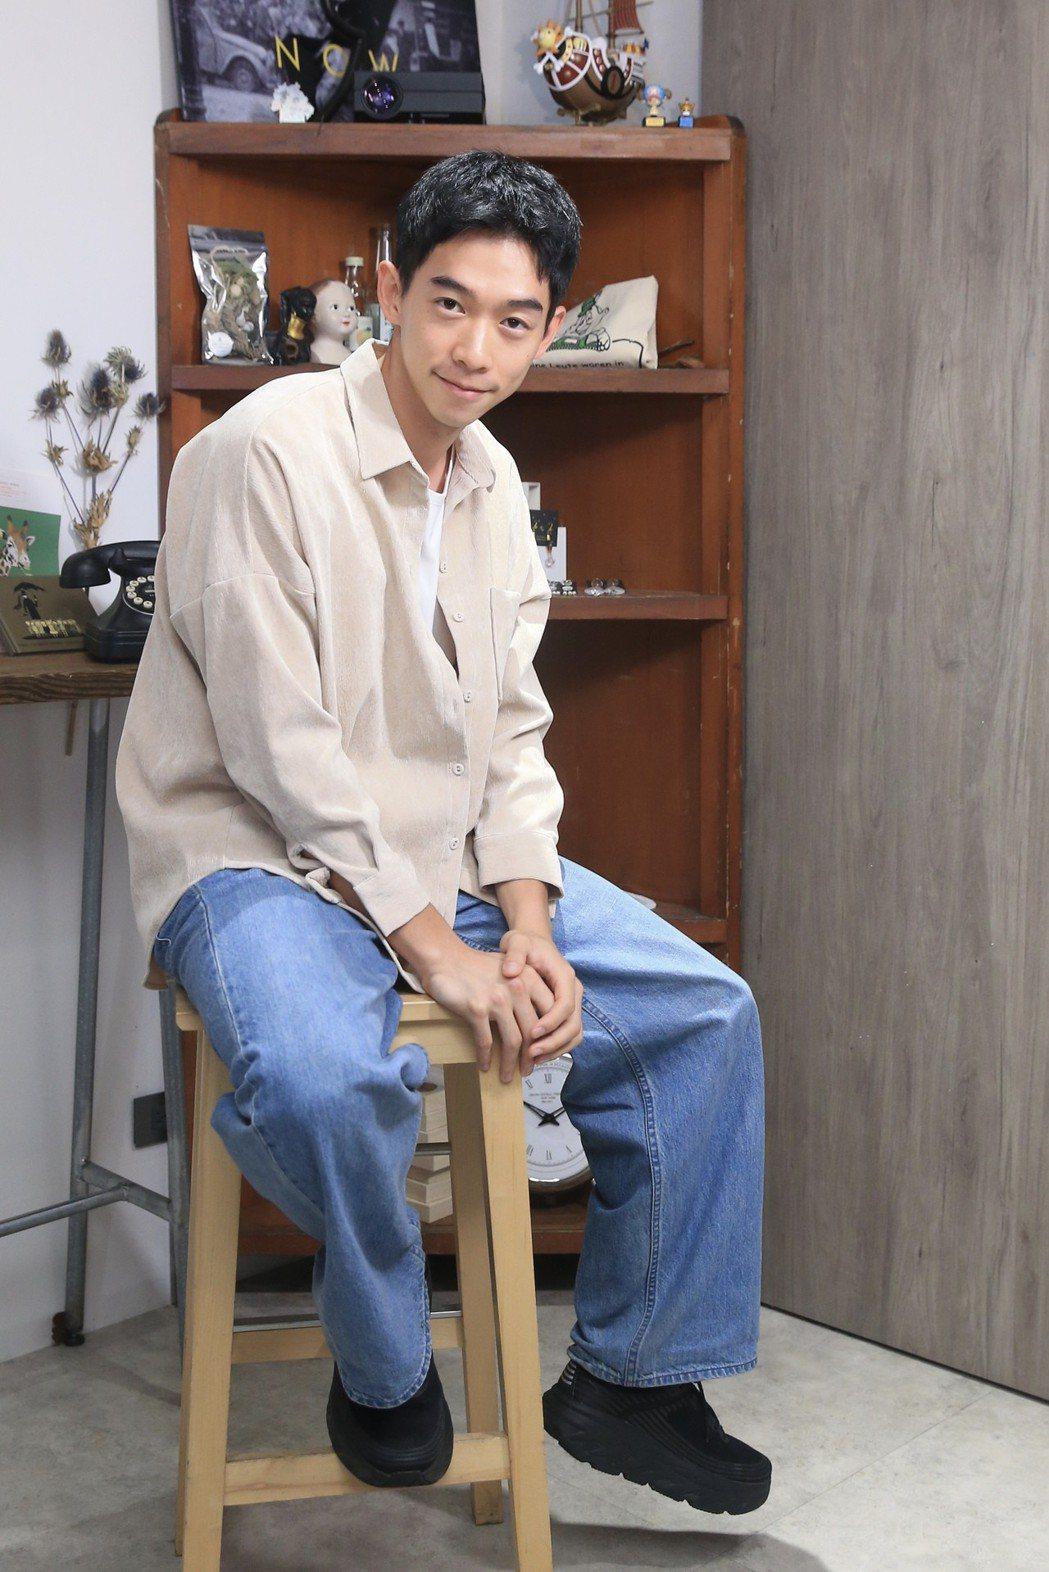 王可元在「與惡」飾演殺人魔李曉明。記者林伯東/攝影